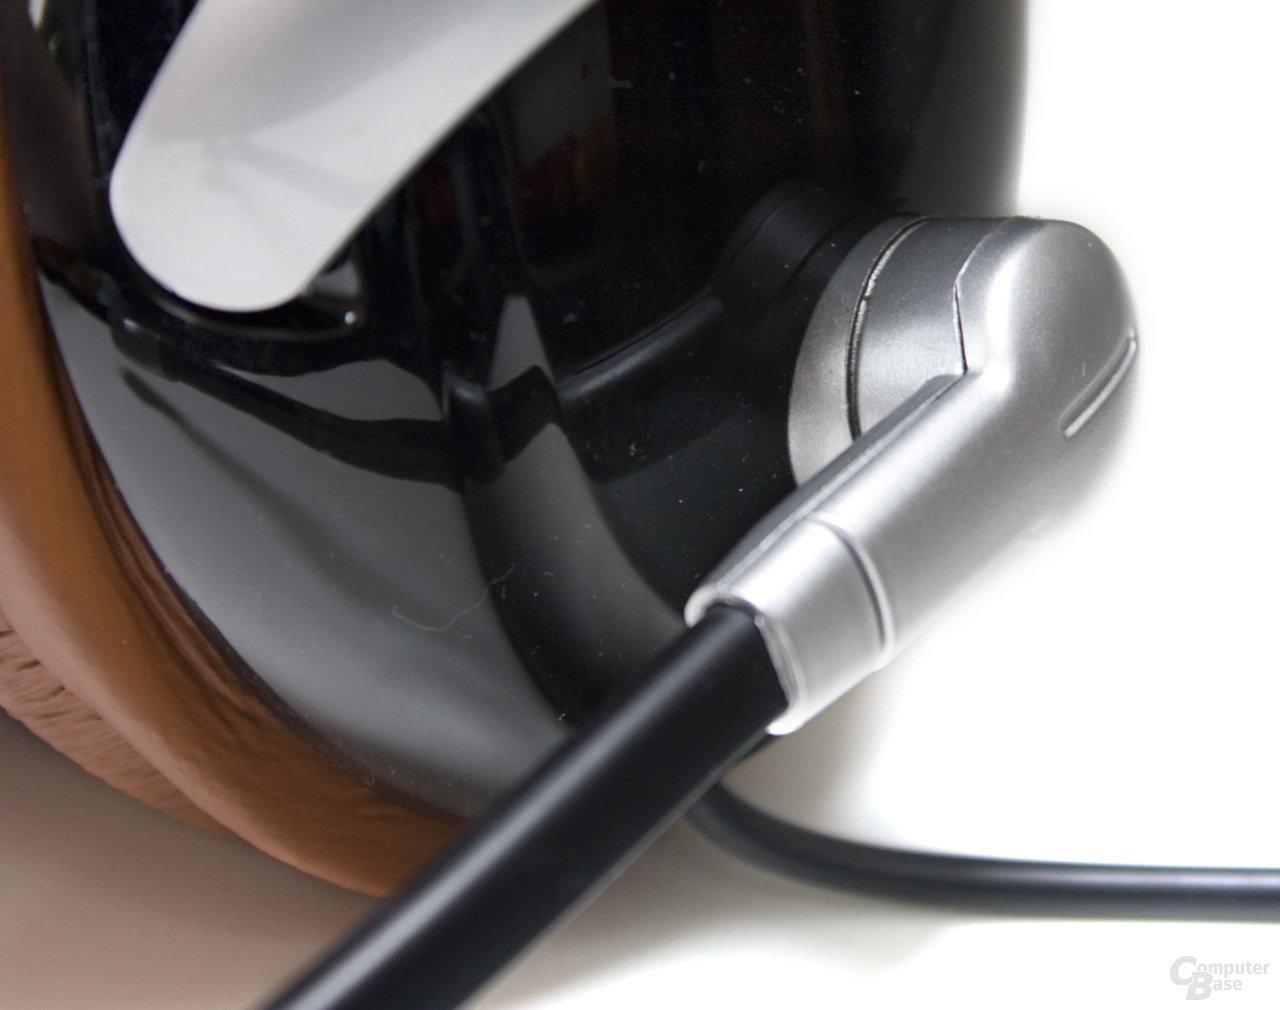 einfaches Gehäuse beim Mikrofon